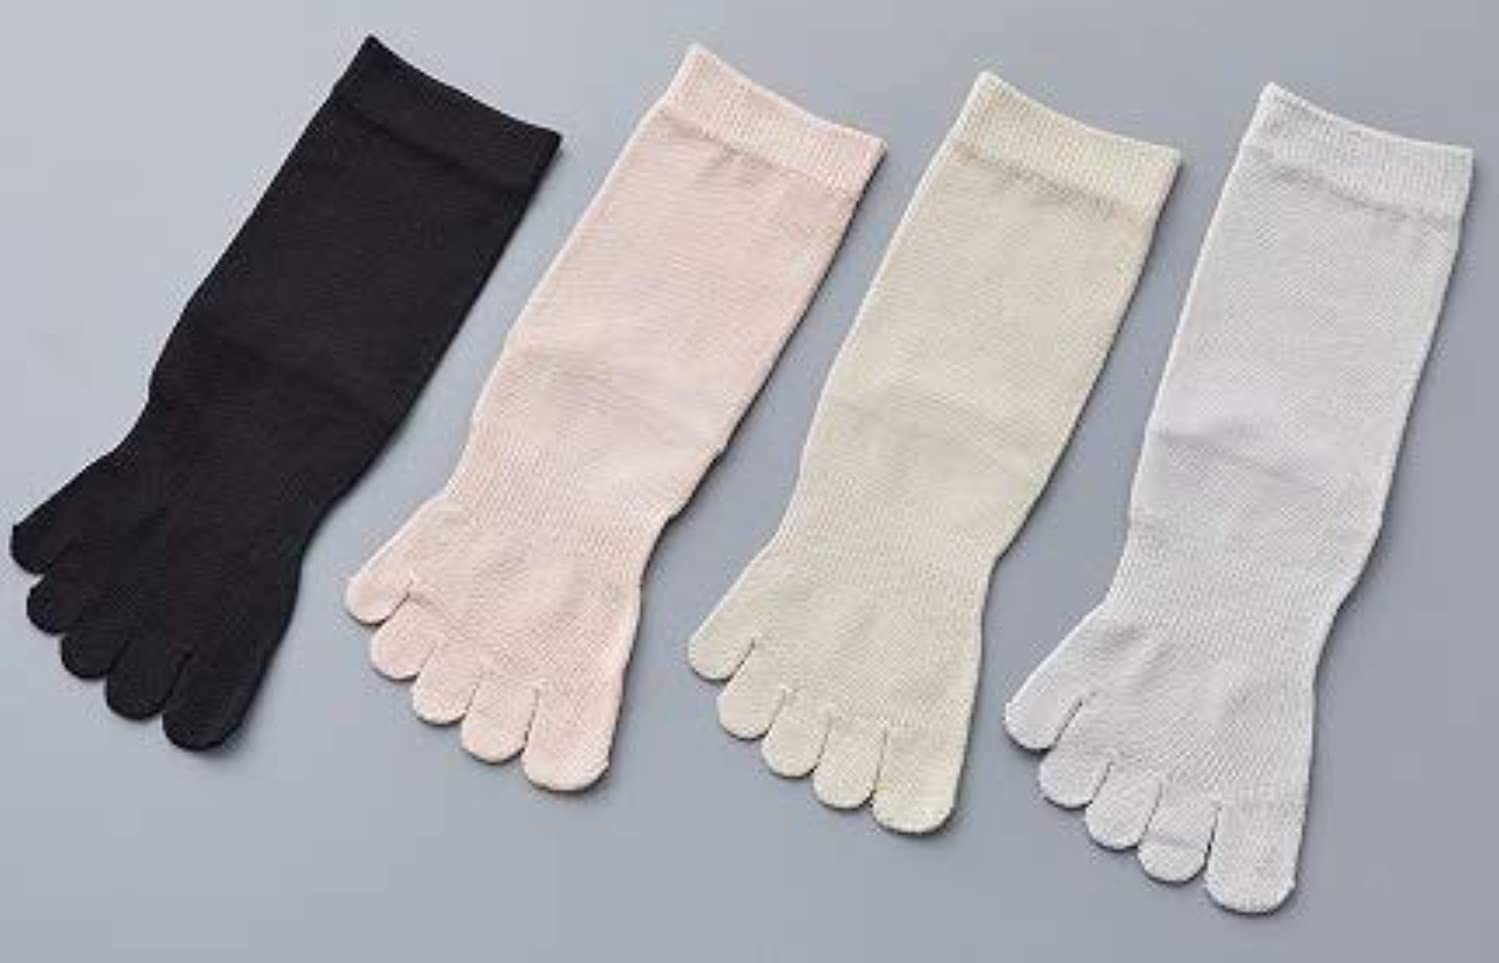 脚ハッチ出します婦人 シルク 5本指 靴 下最高級 シルク100% 使用 プレゼントに最適 22-24cm 太陽ニット S90 (ベージュ)